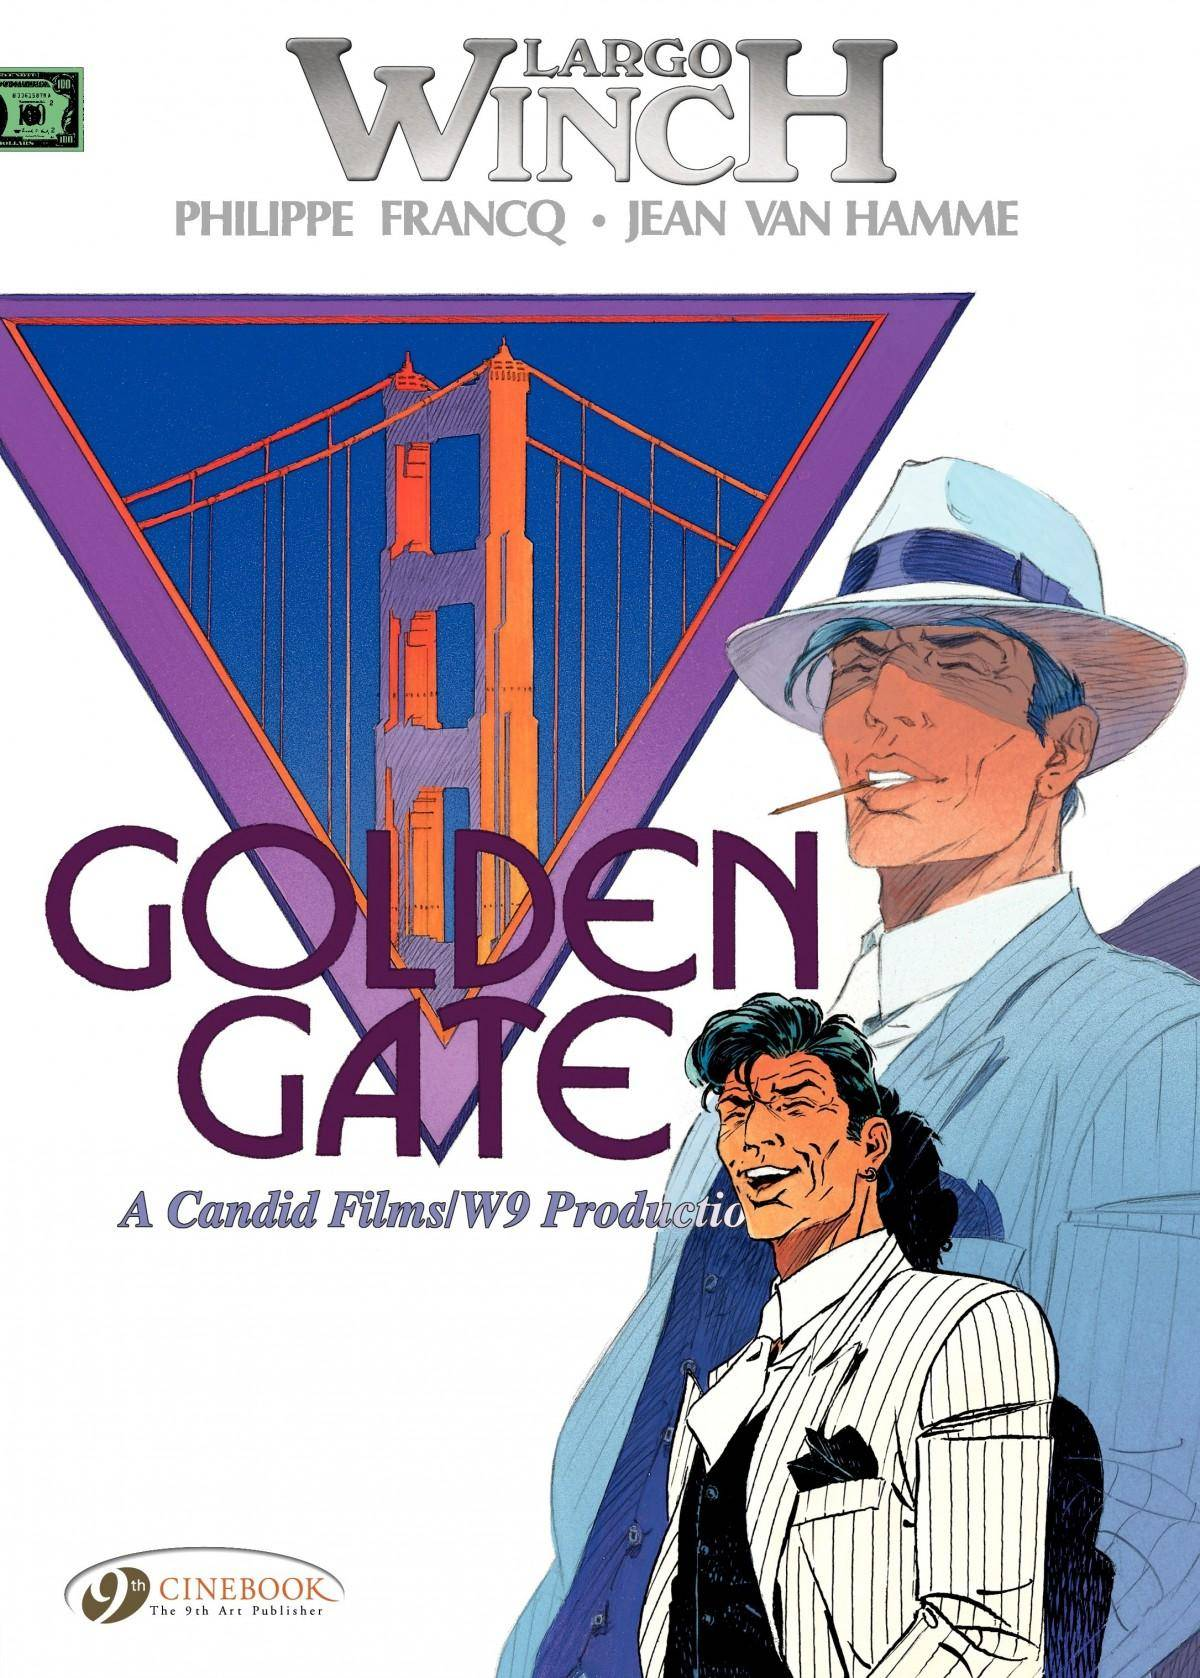 Largo Winch 007 - Golden Gate 2011 Cinebook digital